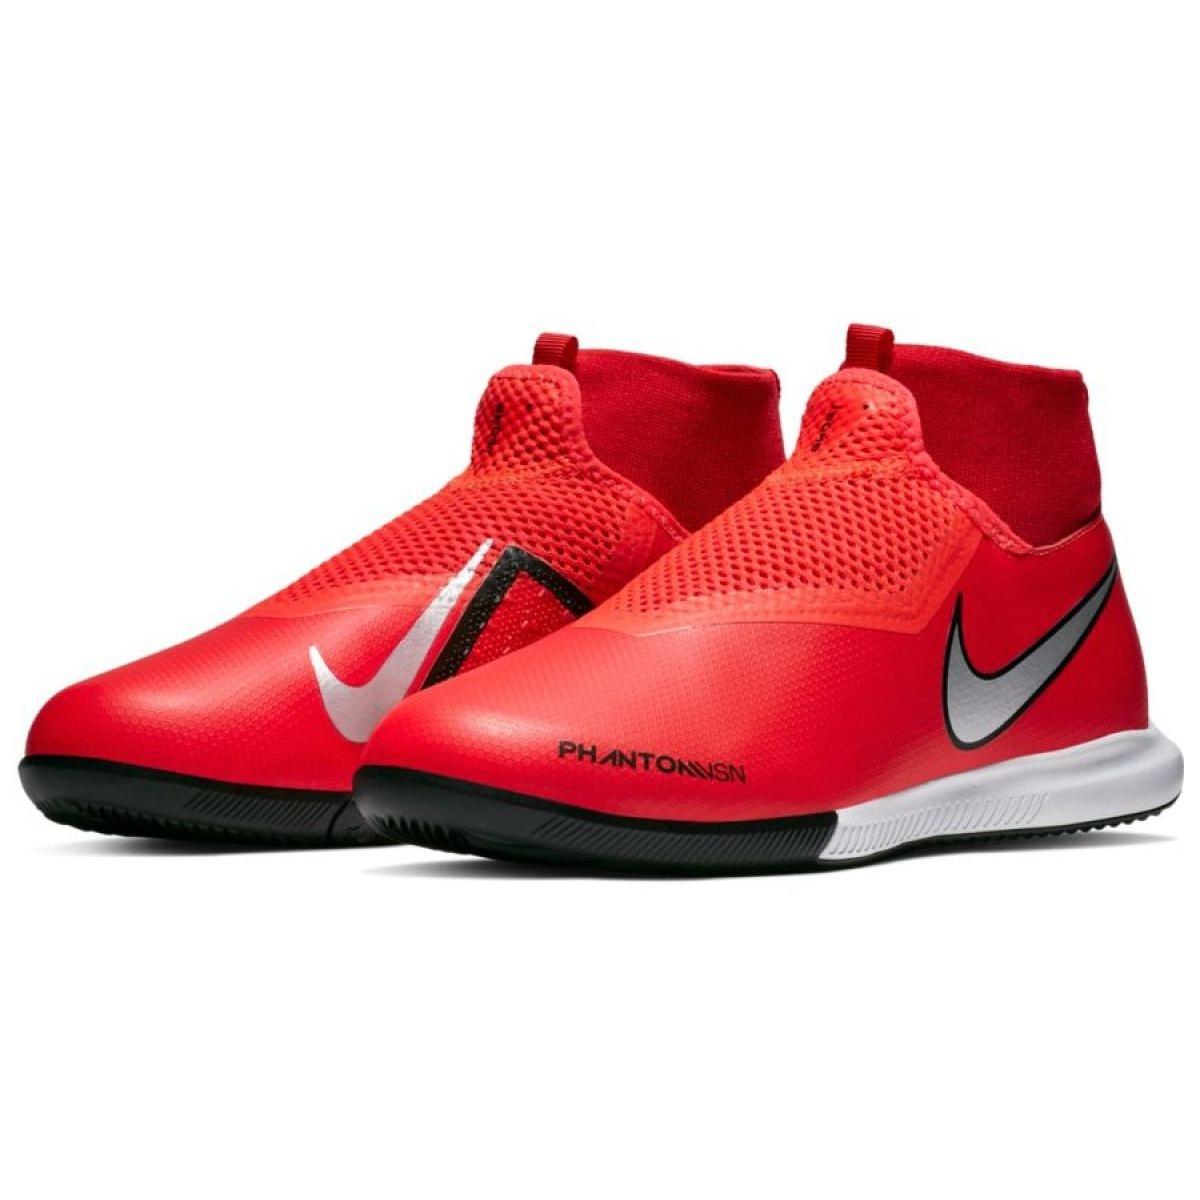 Sapatos de interior Nike Phantom Vsn Academia Df Ic Jr AO3290 600 vermelho vermelho